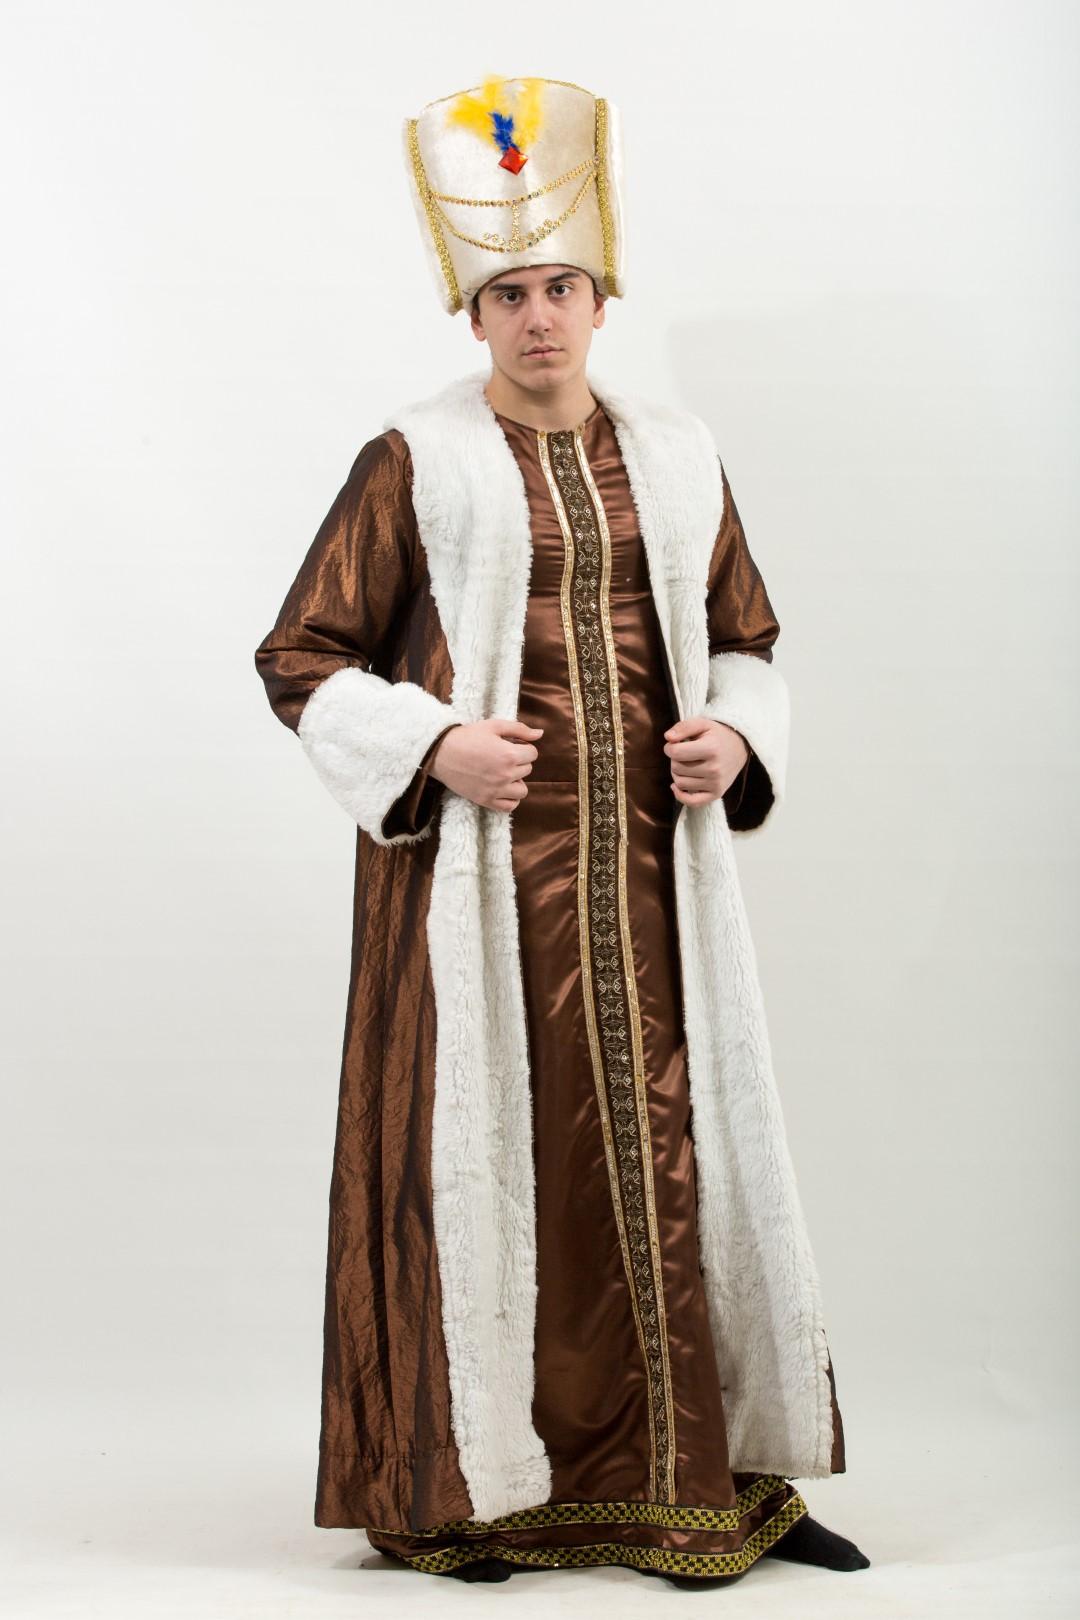 osmanlı-padısah-kostum-beyaz-kahve